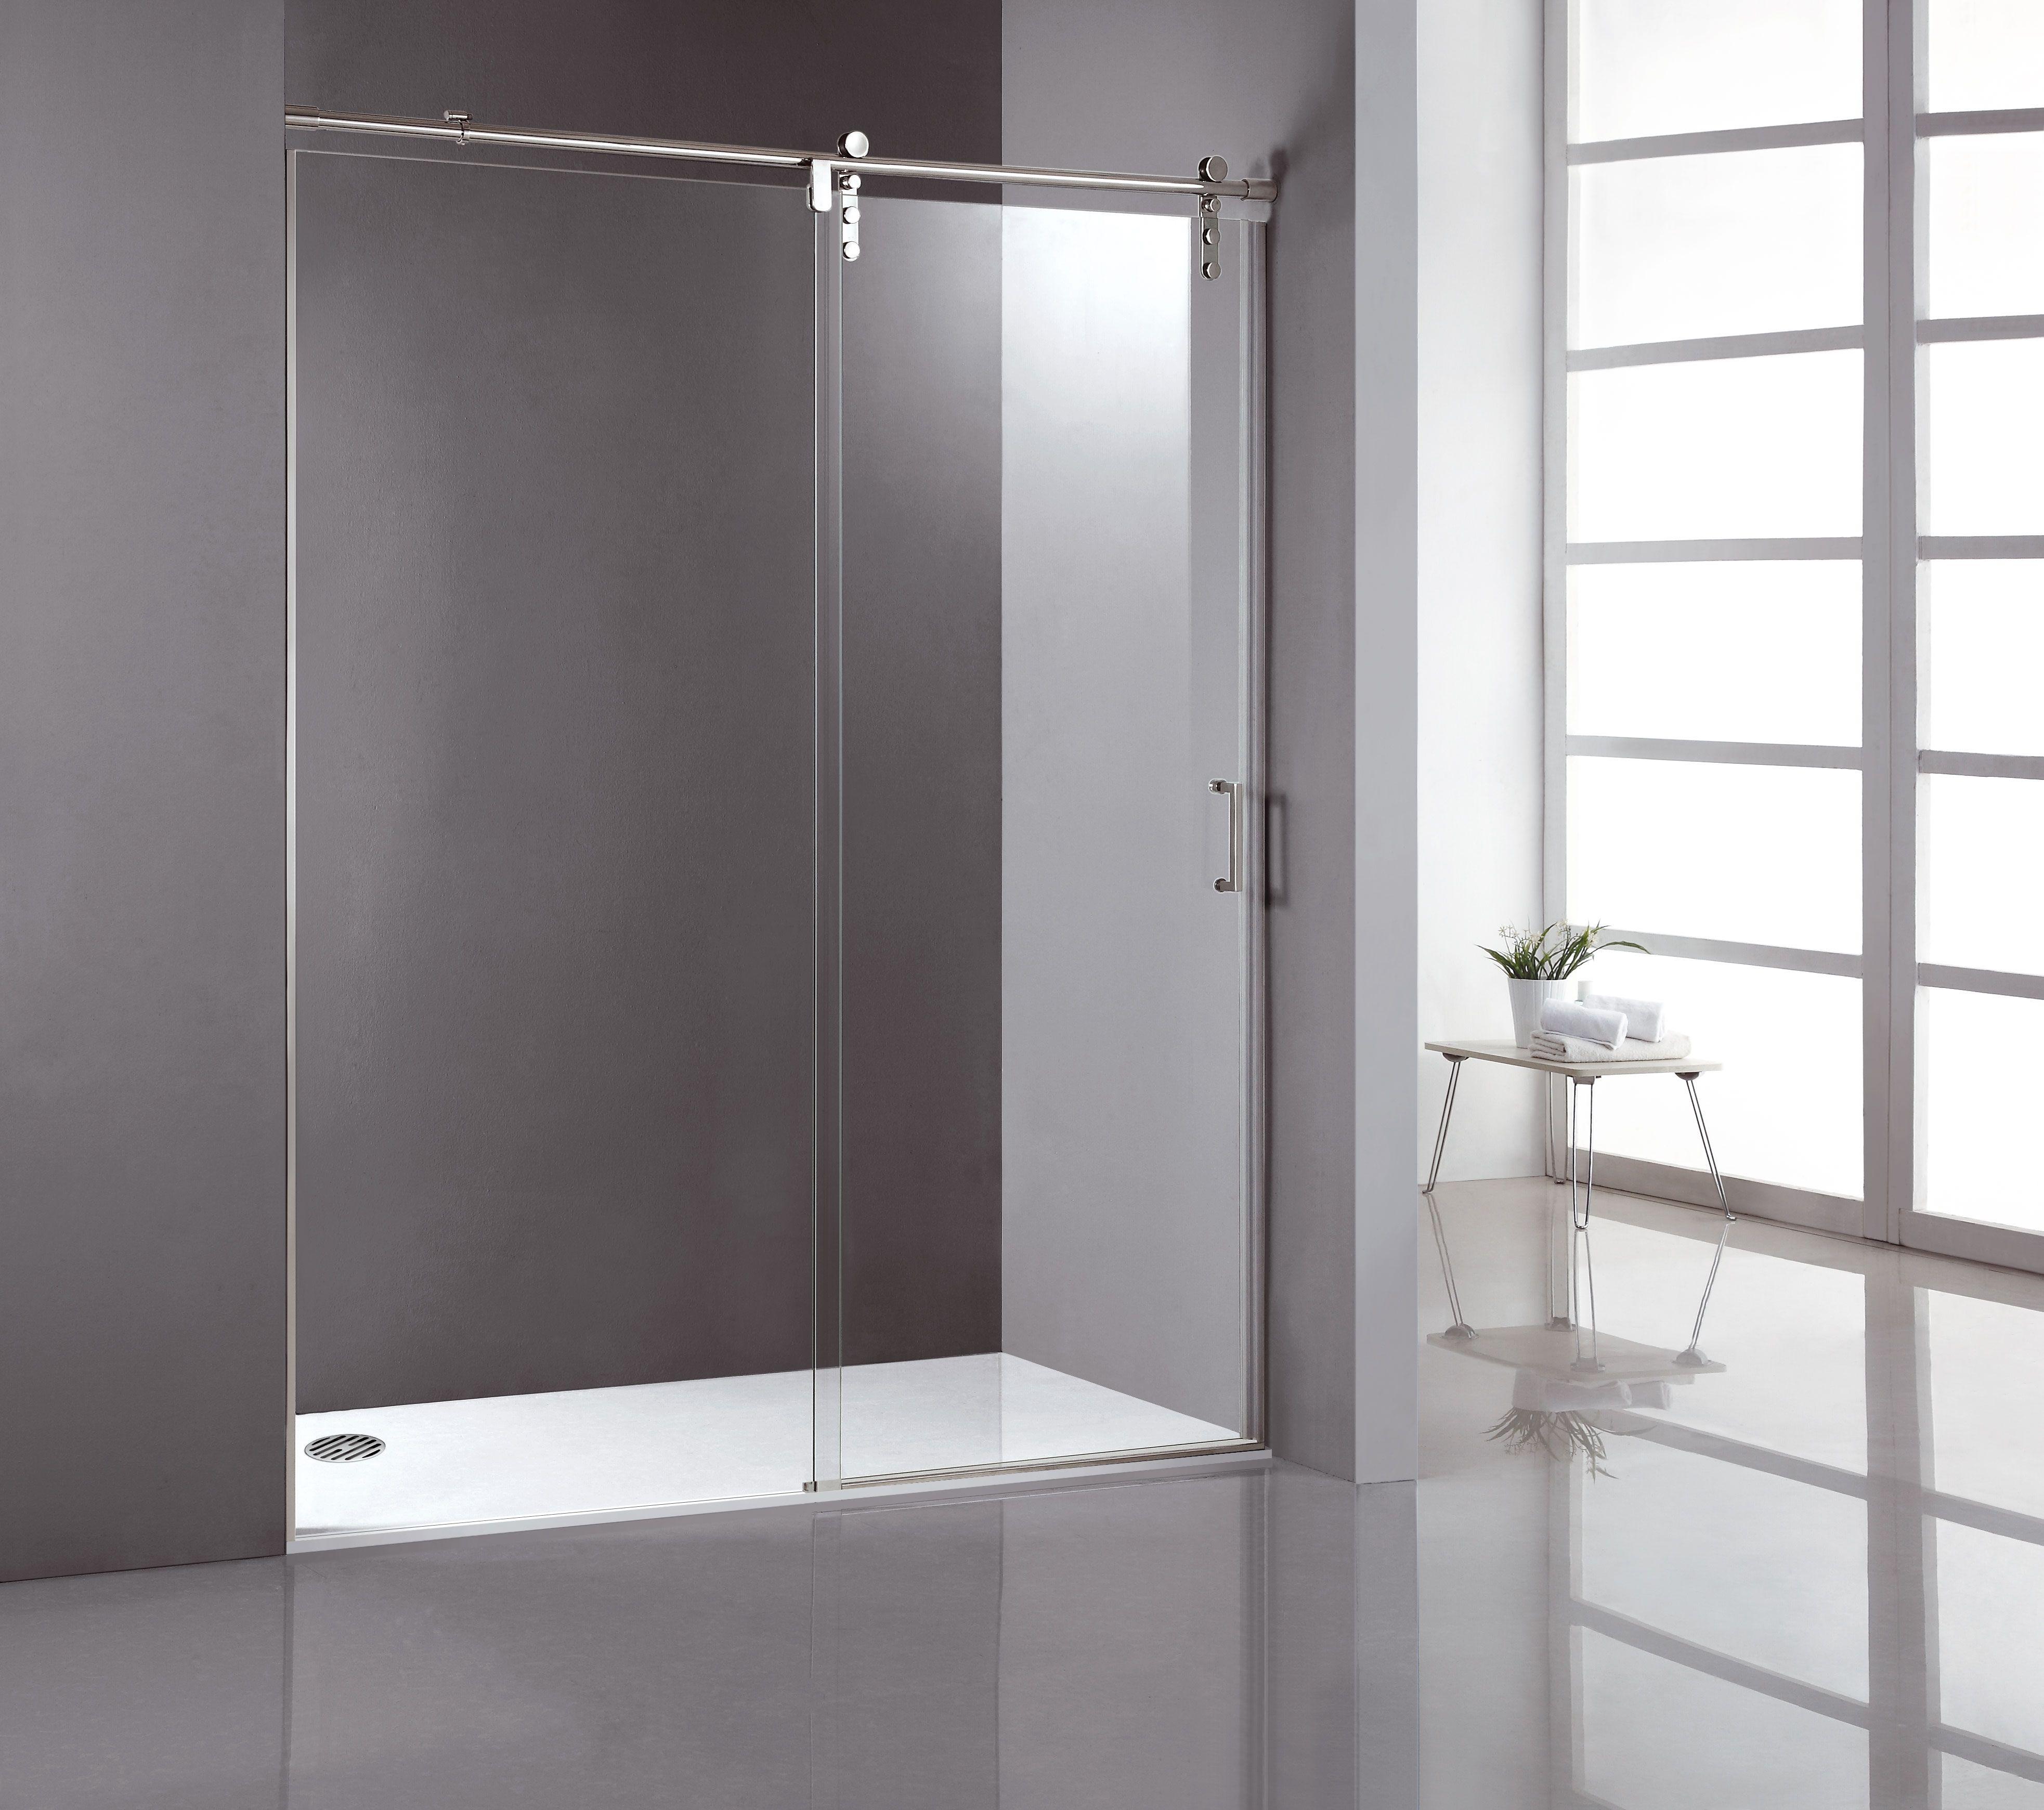 Mampara ducha ca la cristi pinterest mampara duchas - Manparas de banos ...